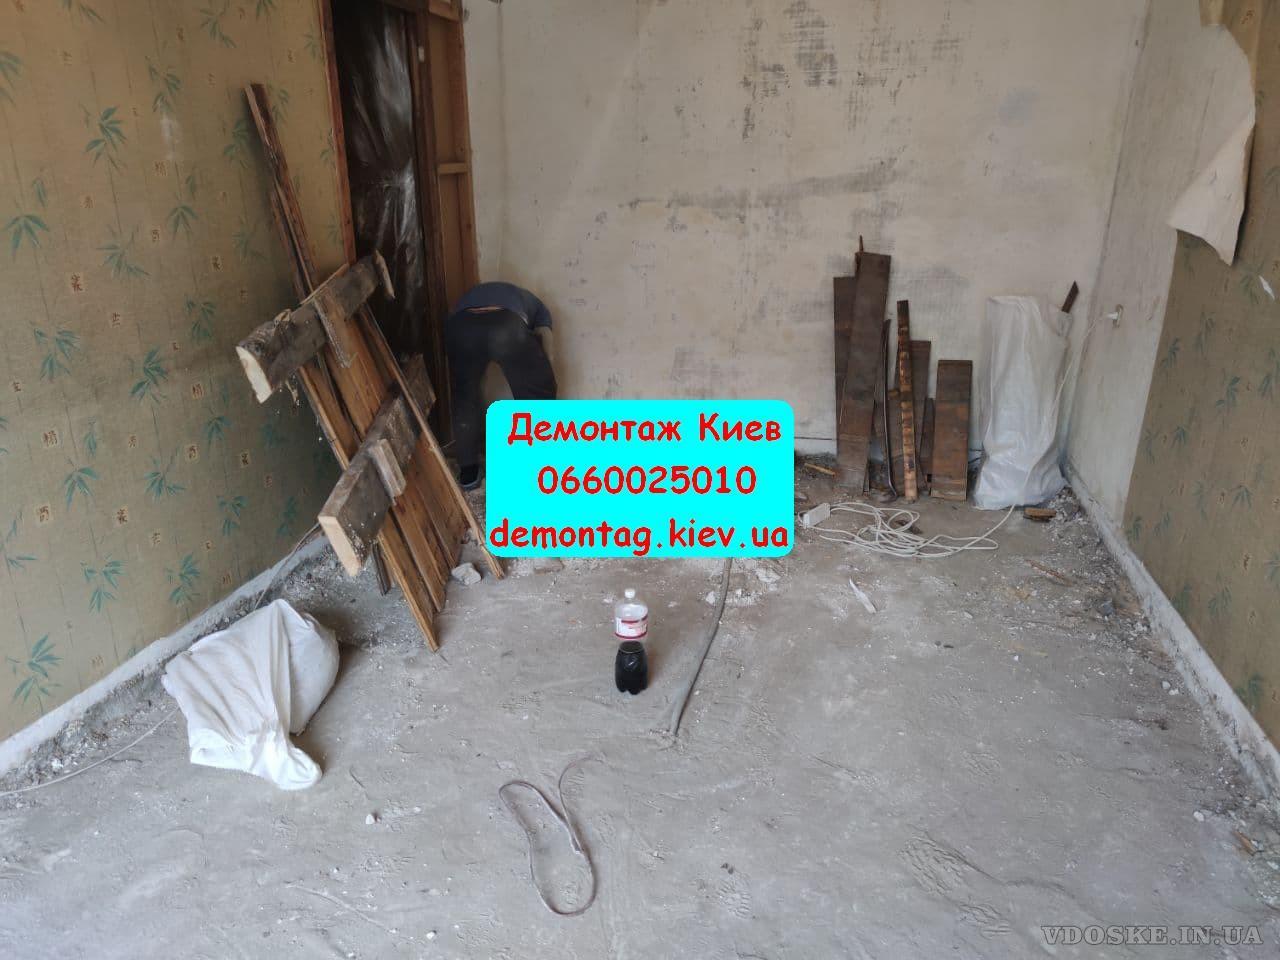 Демонтажные работы. Демонтаж. Демонтаж квартиры, пола, стен, перегородок (4)